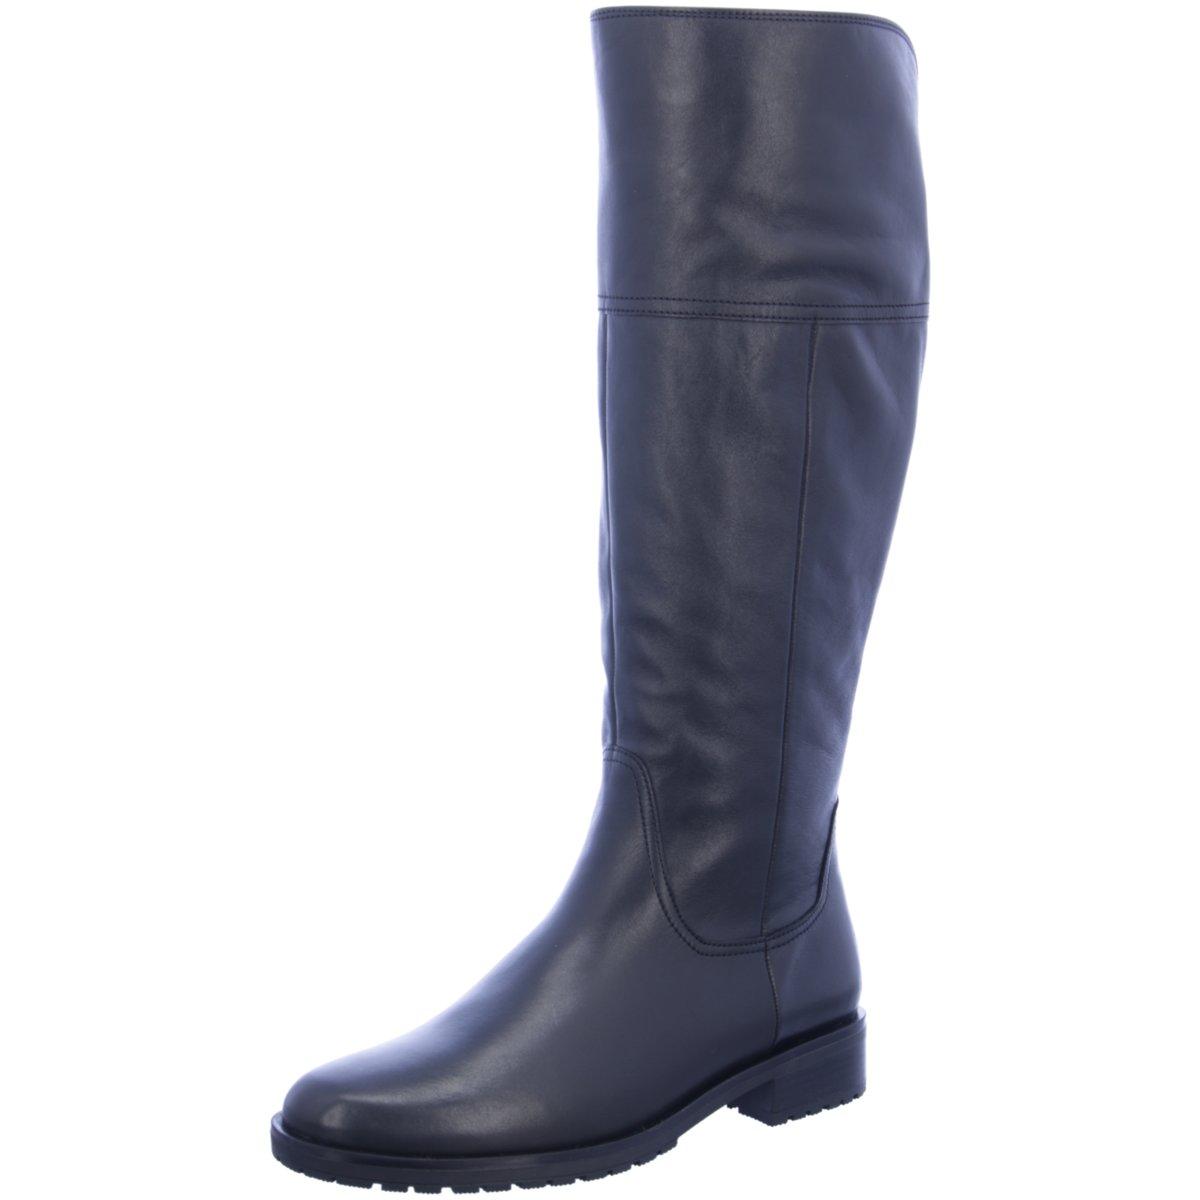 Details zu Gabor Damen Stiefel 32.799.57 schwarz 752953